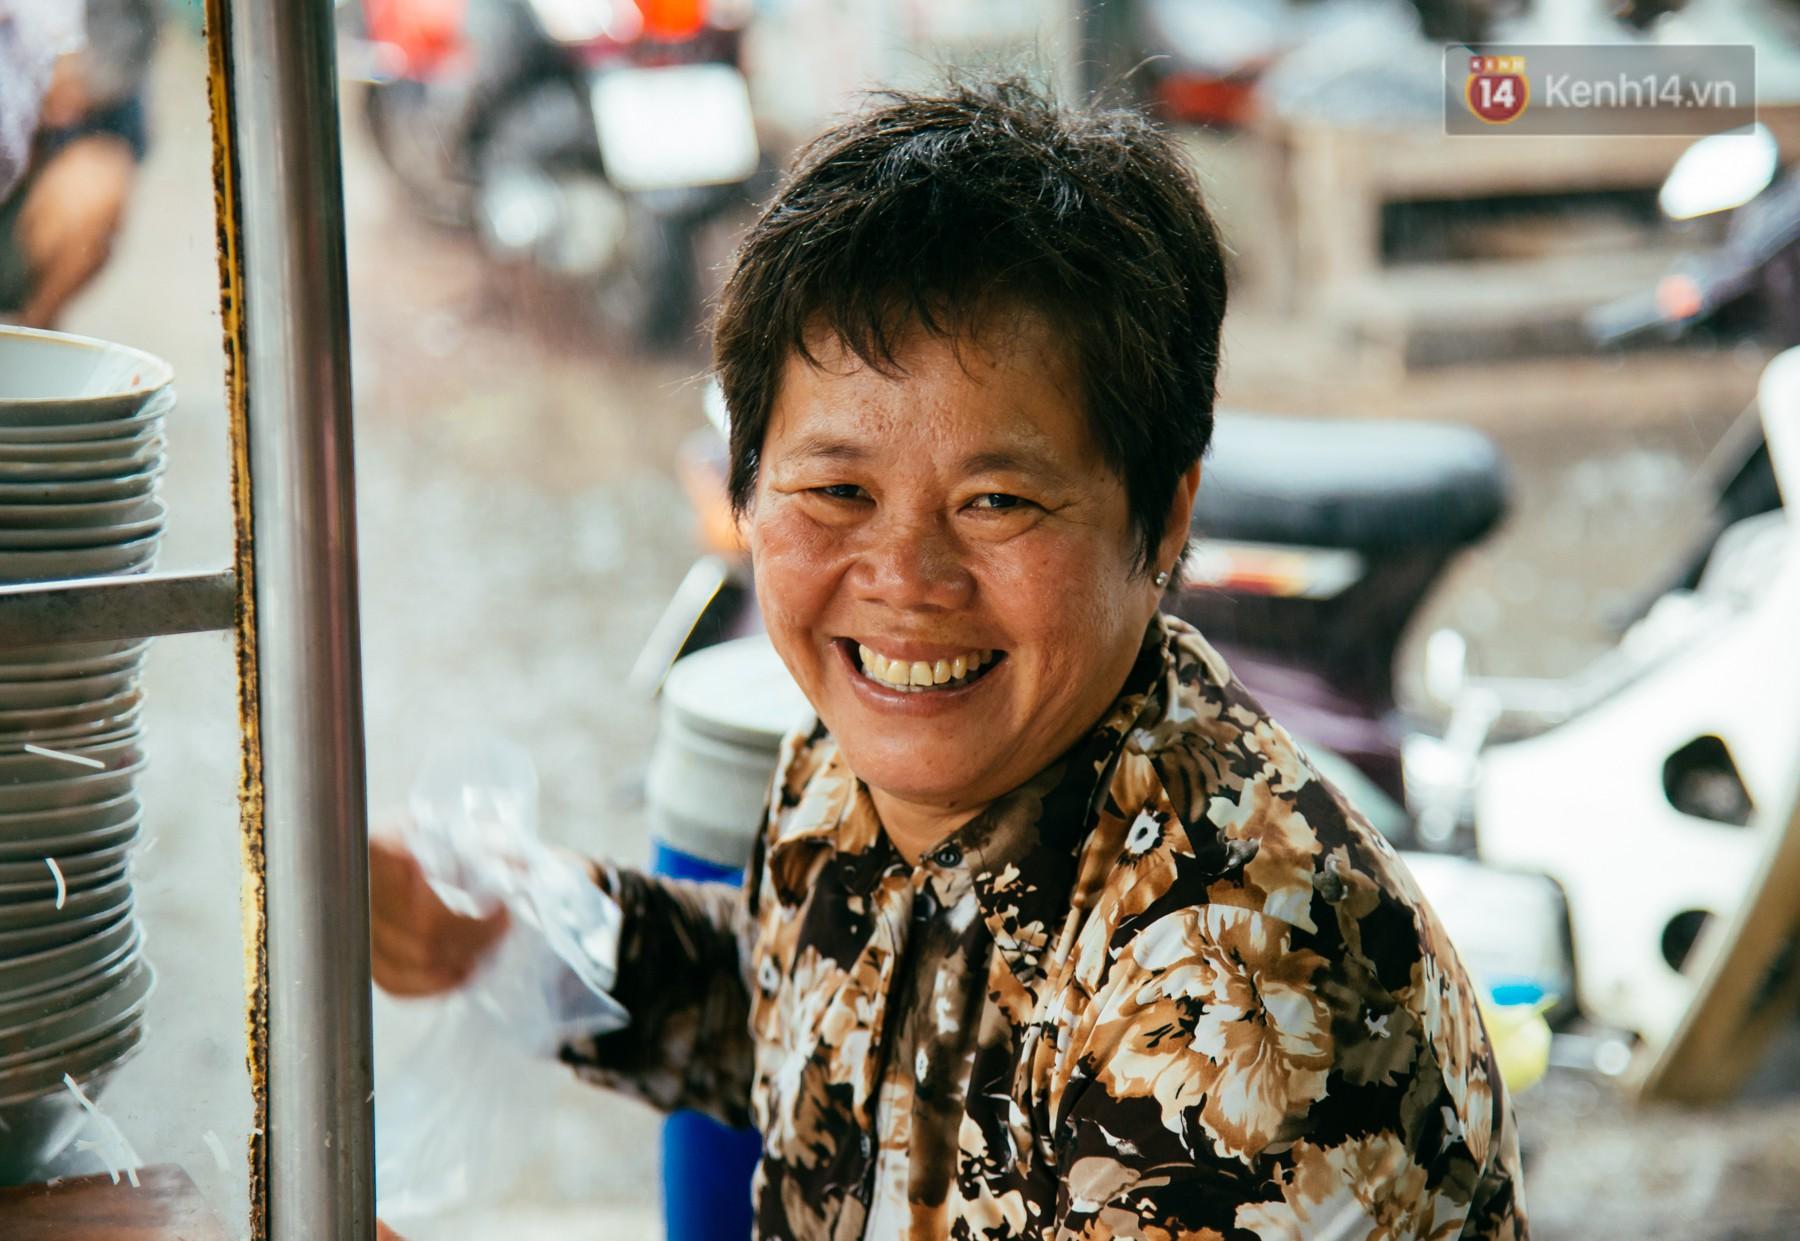 Quán bún riêu 30 năm tuổi ở vỉa hè Sài Gòn có gì hấp dẫn mà Trường Giang trở thành khách quen lâu năm? - Ảnh 9.